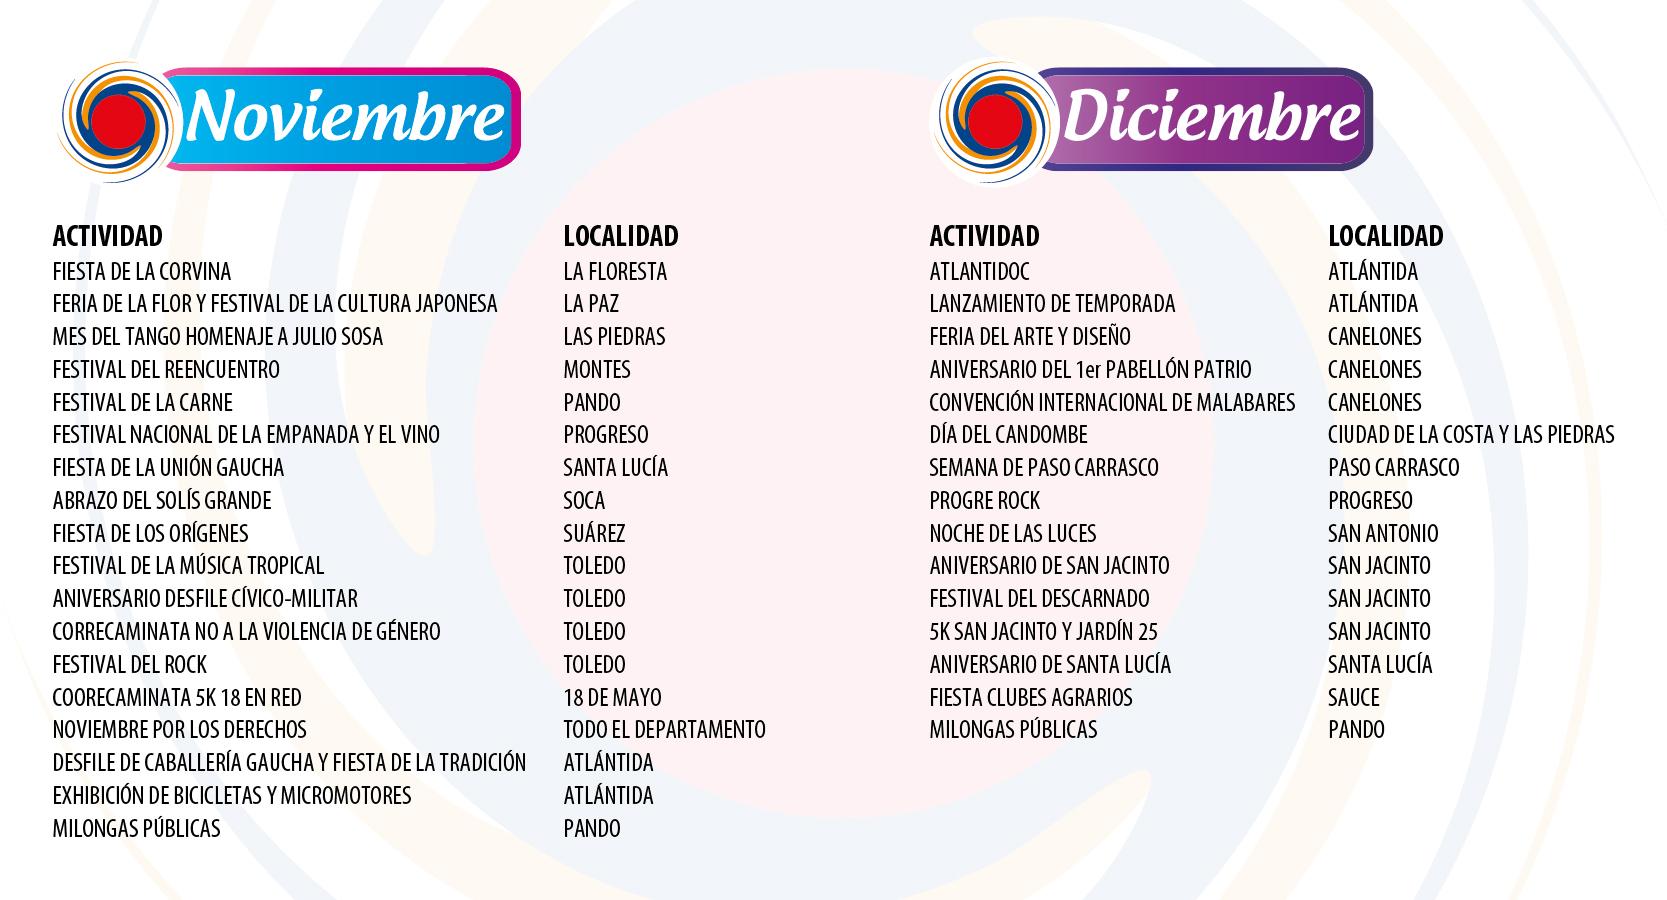 Fiestas Canarias - Noviembre / Diciembre